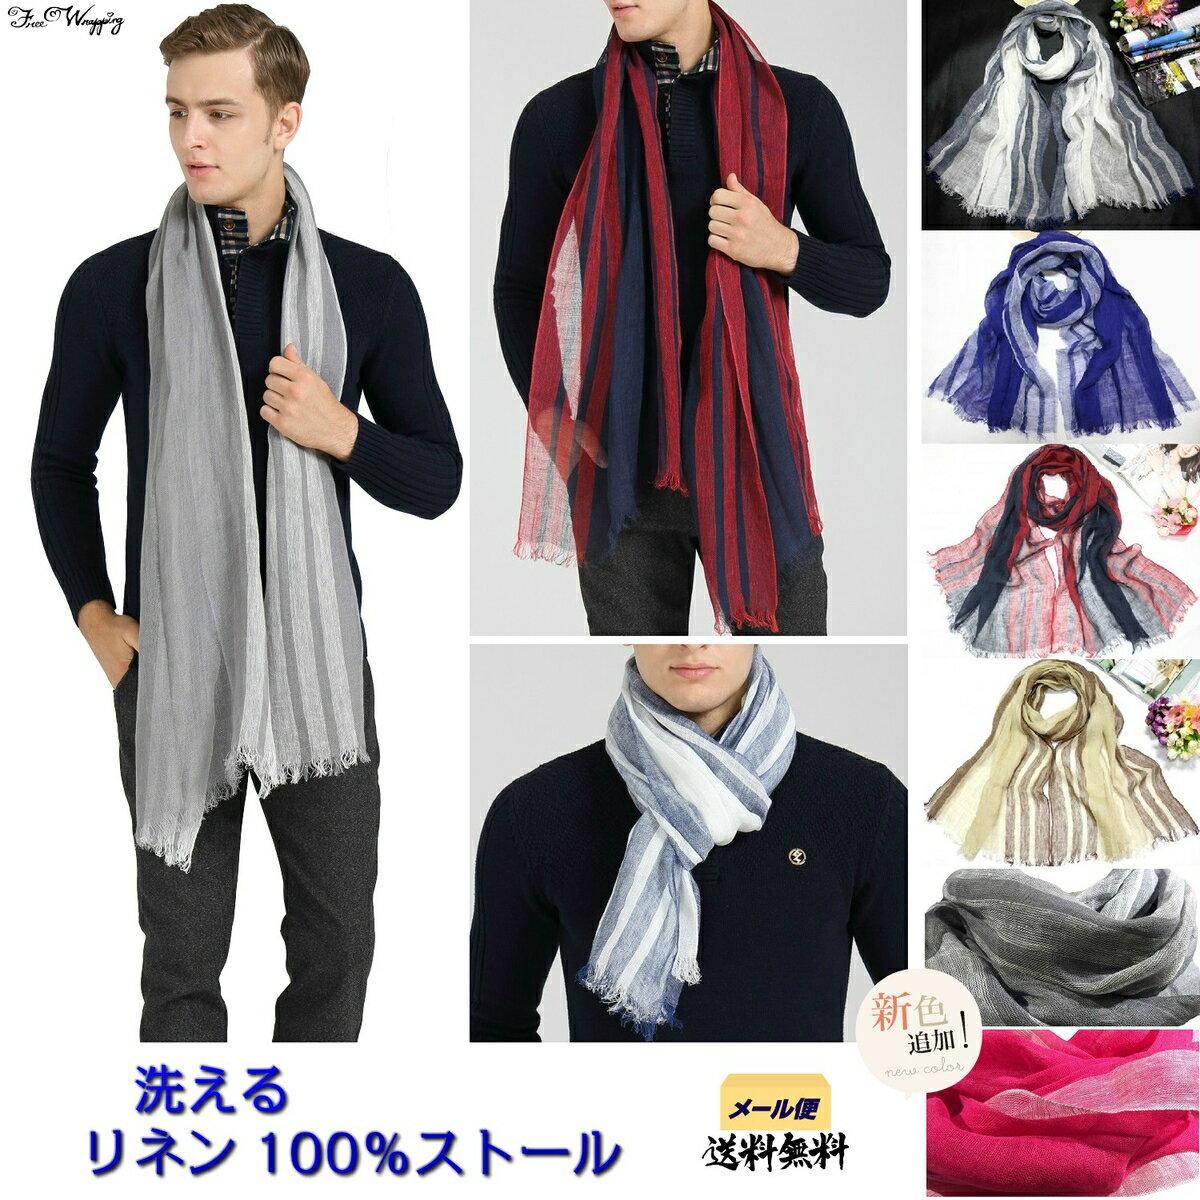 送料無料フランス 天然リネン亜麻100%大判ストール♪大人気 縞模様 UVカット スカーフ ショール マフラ♪スタイリッシュ6色